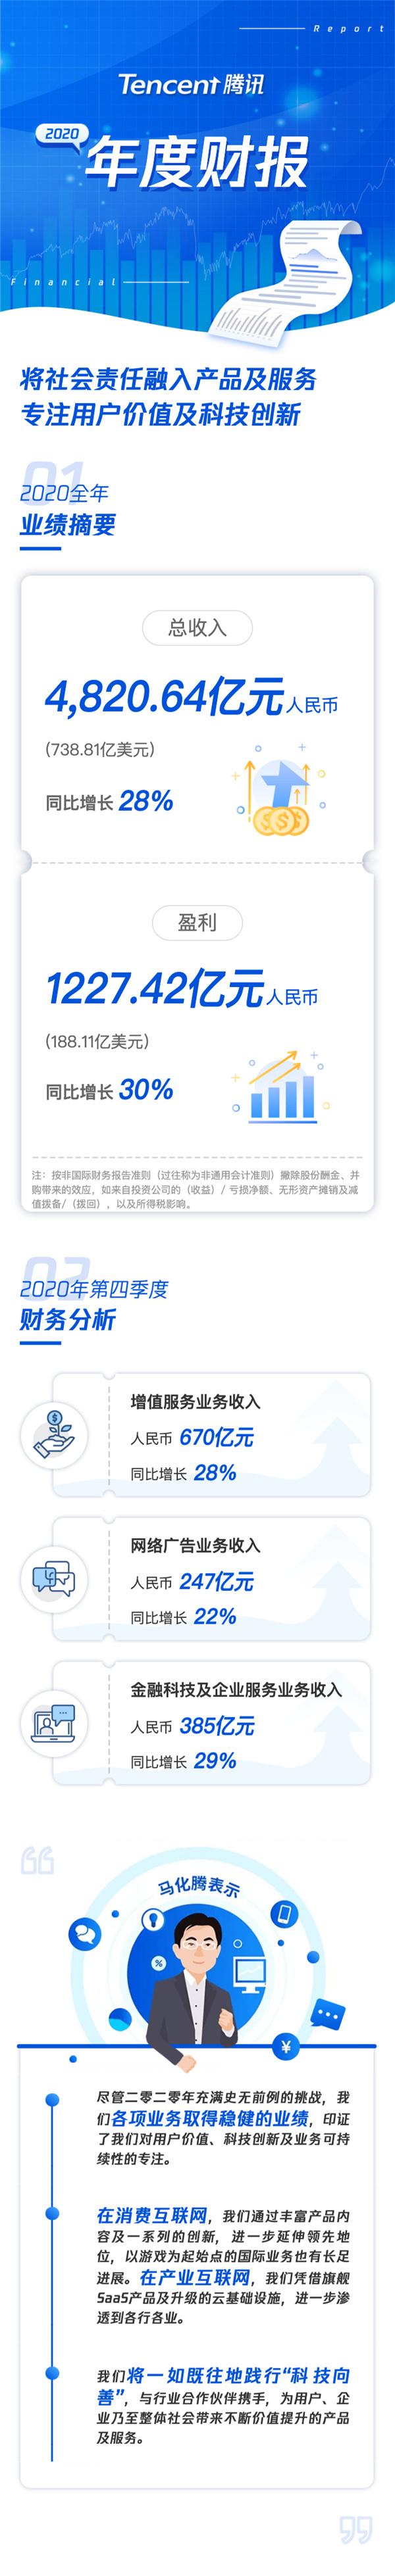 了解騰訊2020年財報:將社會責任融入產品和服務